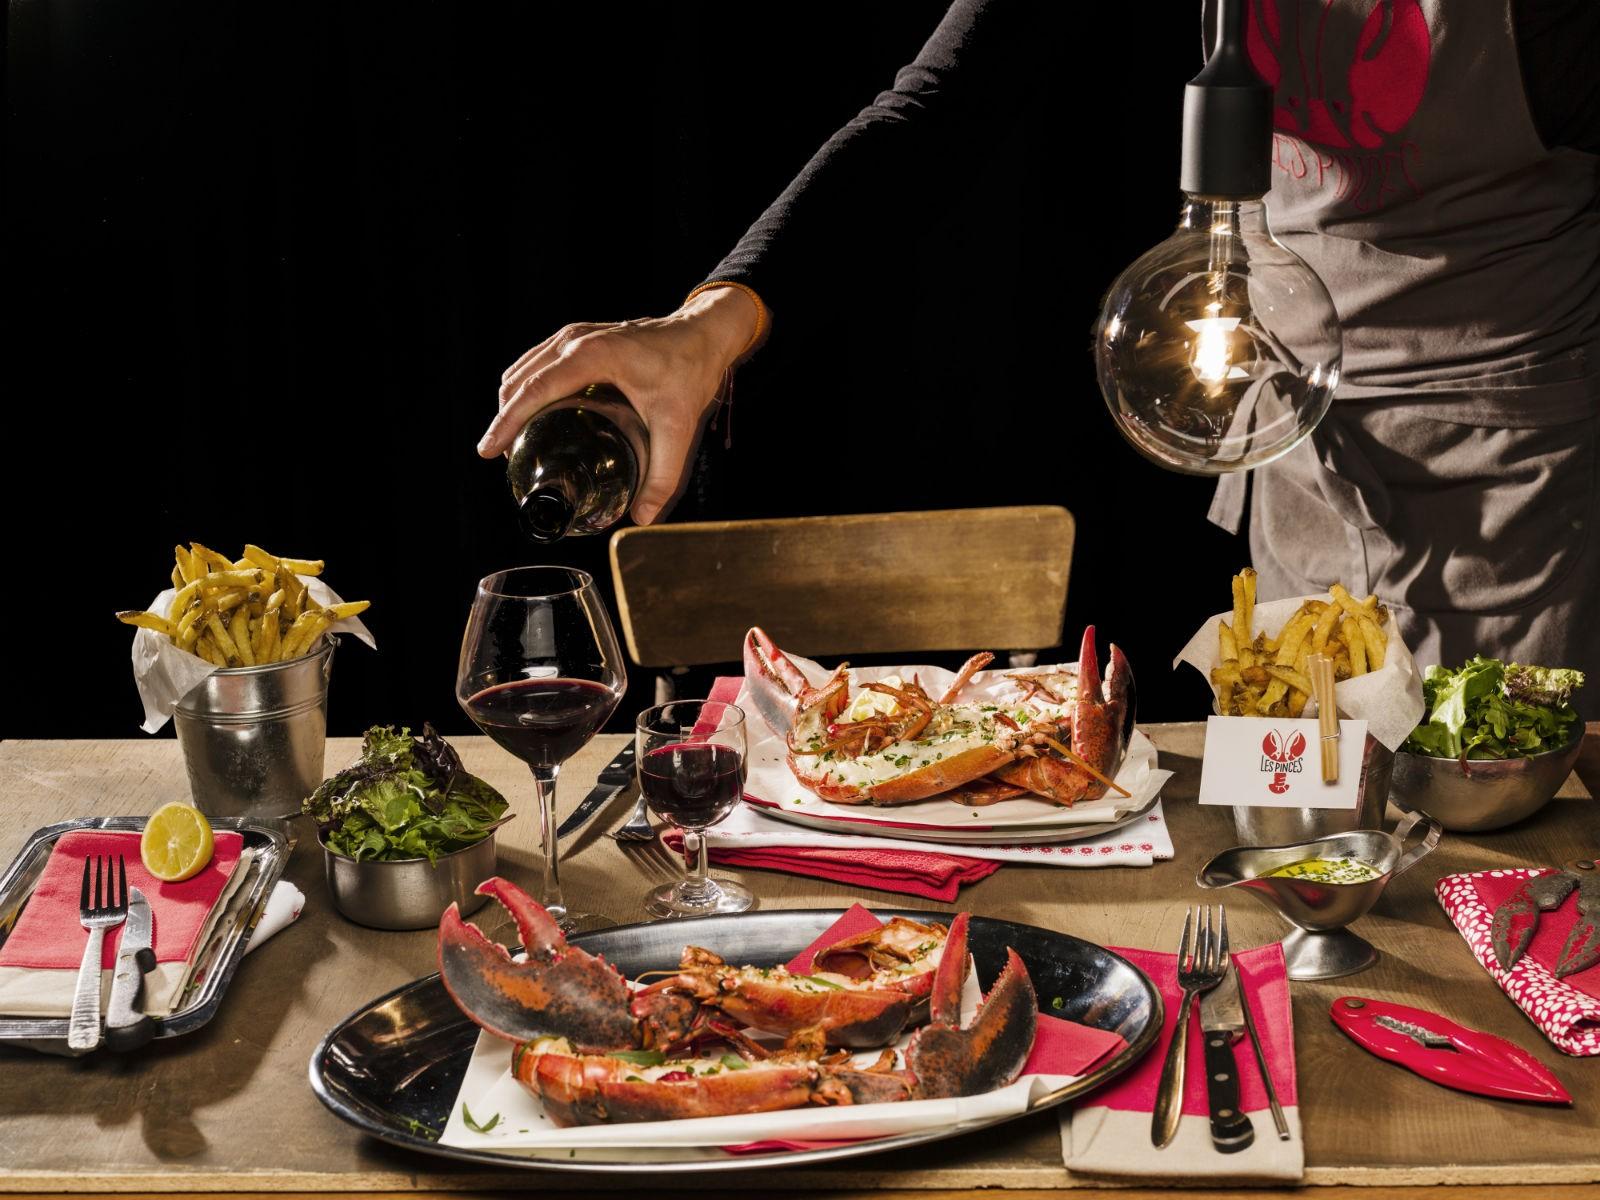 brose nose paris afforable lobster at les pinces. Black Bedroom Furniture Sets. Home Design Ideas